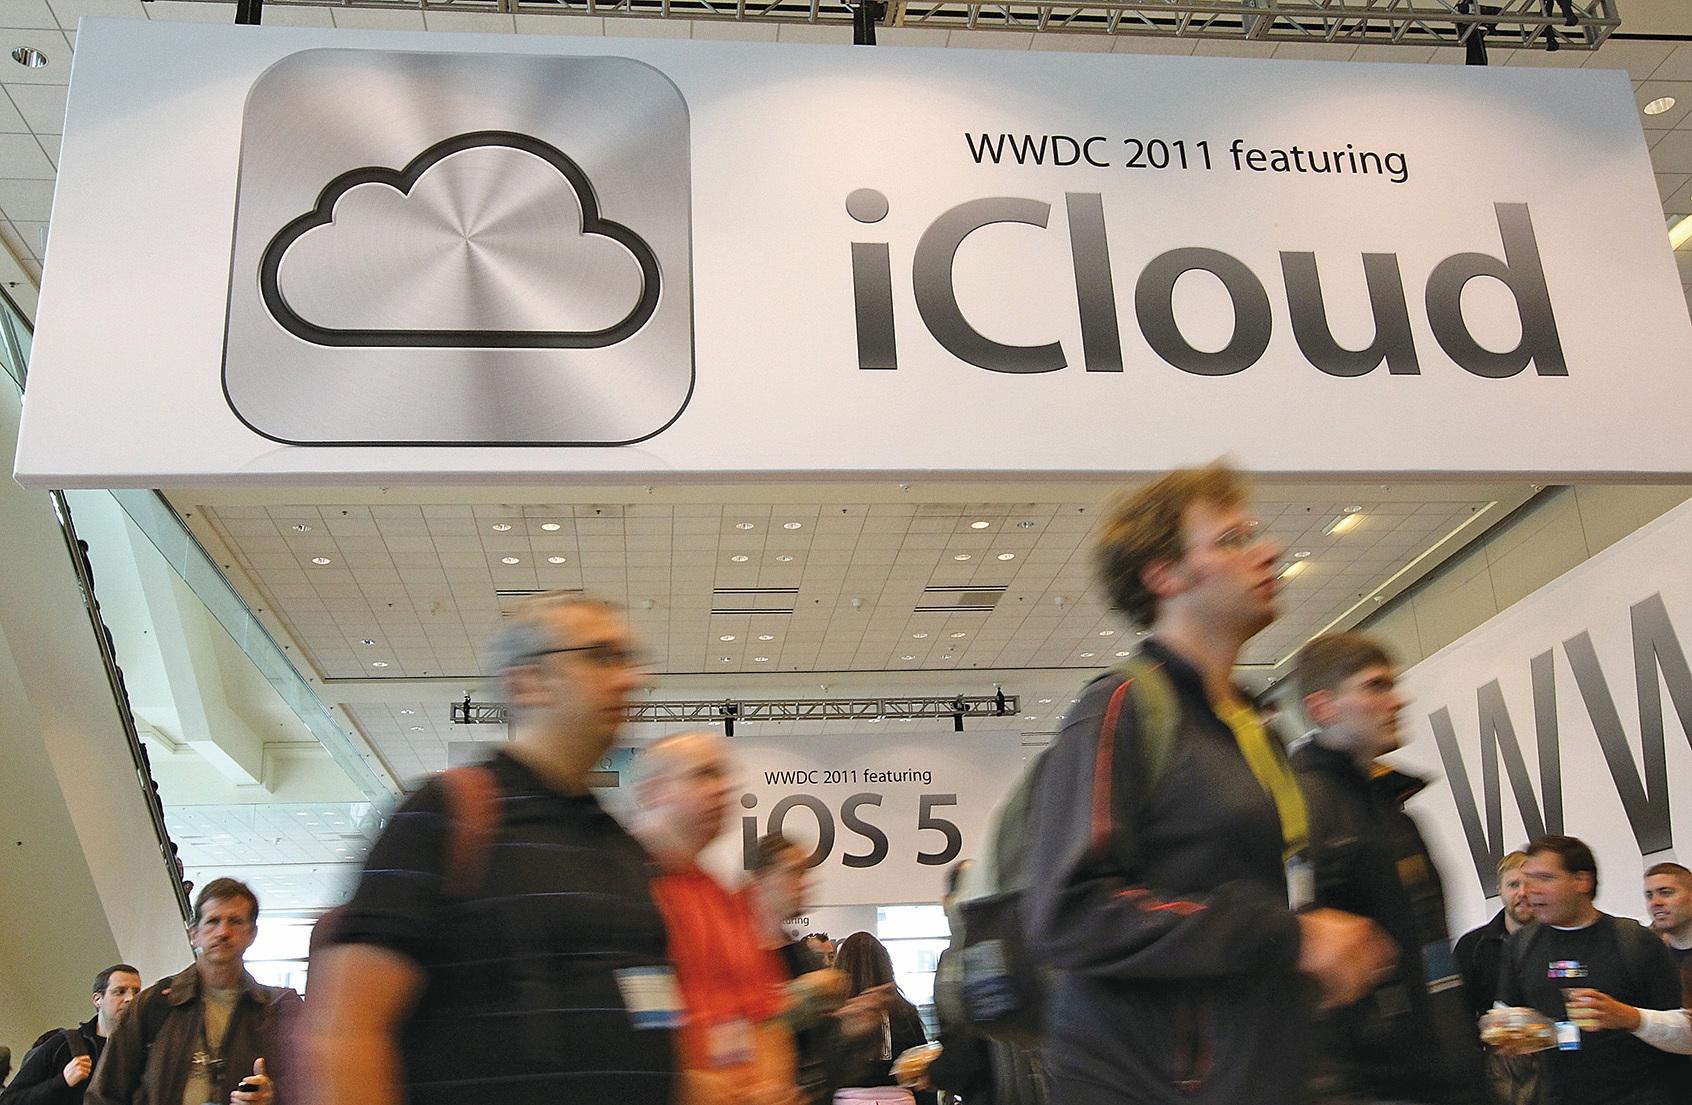 今日起,註冊地為中國的蘋果雲服務用戶需要注意他們的數據安全,因為當天,美國蘋果公司將正式、全部把雲服務數據交給「雲上貴州」處理,中共將更容易獲取蘋果用戶在雲端上儲存的信息和數據。(Justin Sullivan/Getty Images)